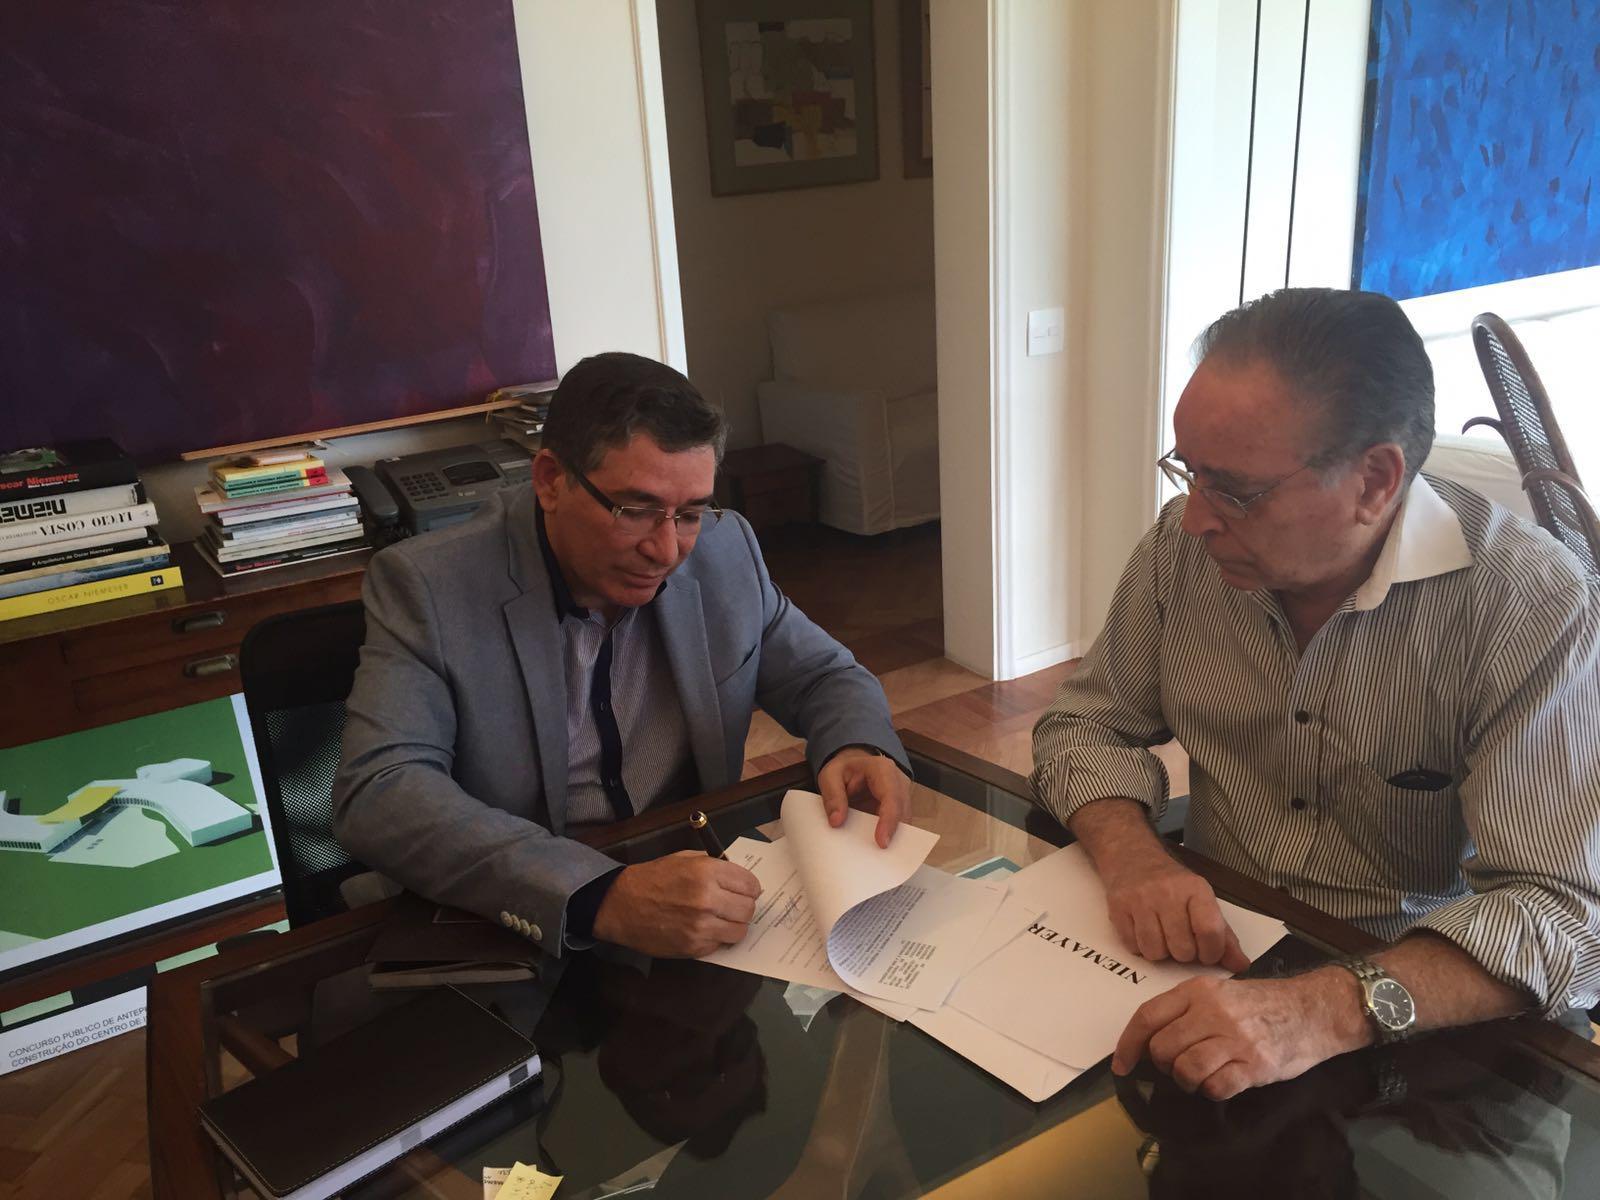 Jânyo Diniz em reunião com o Superintendente do Instituto Oscar Niemeyer, João Batista - Crédito: Arquivo pessoal